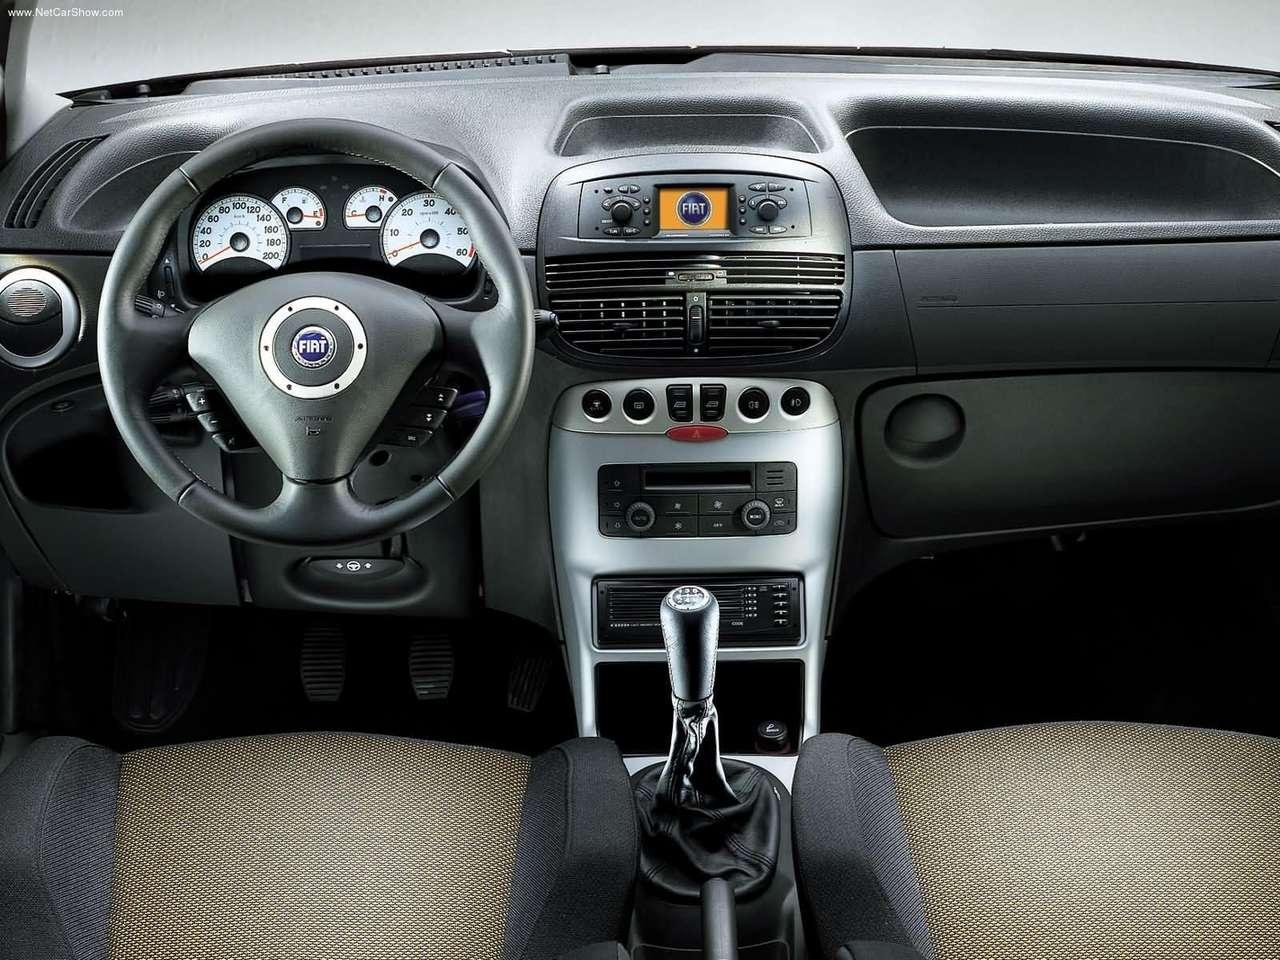 Fiat -Populaire français d'automobiles: 2003 Fiat Punto Sporting